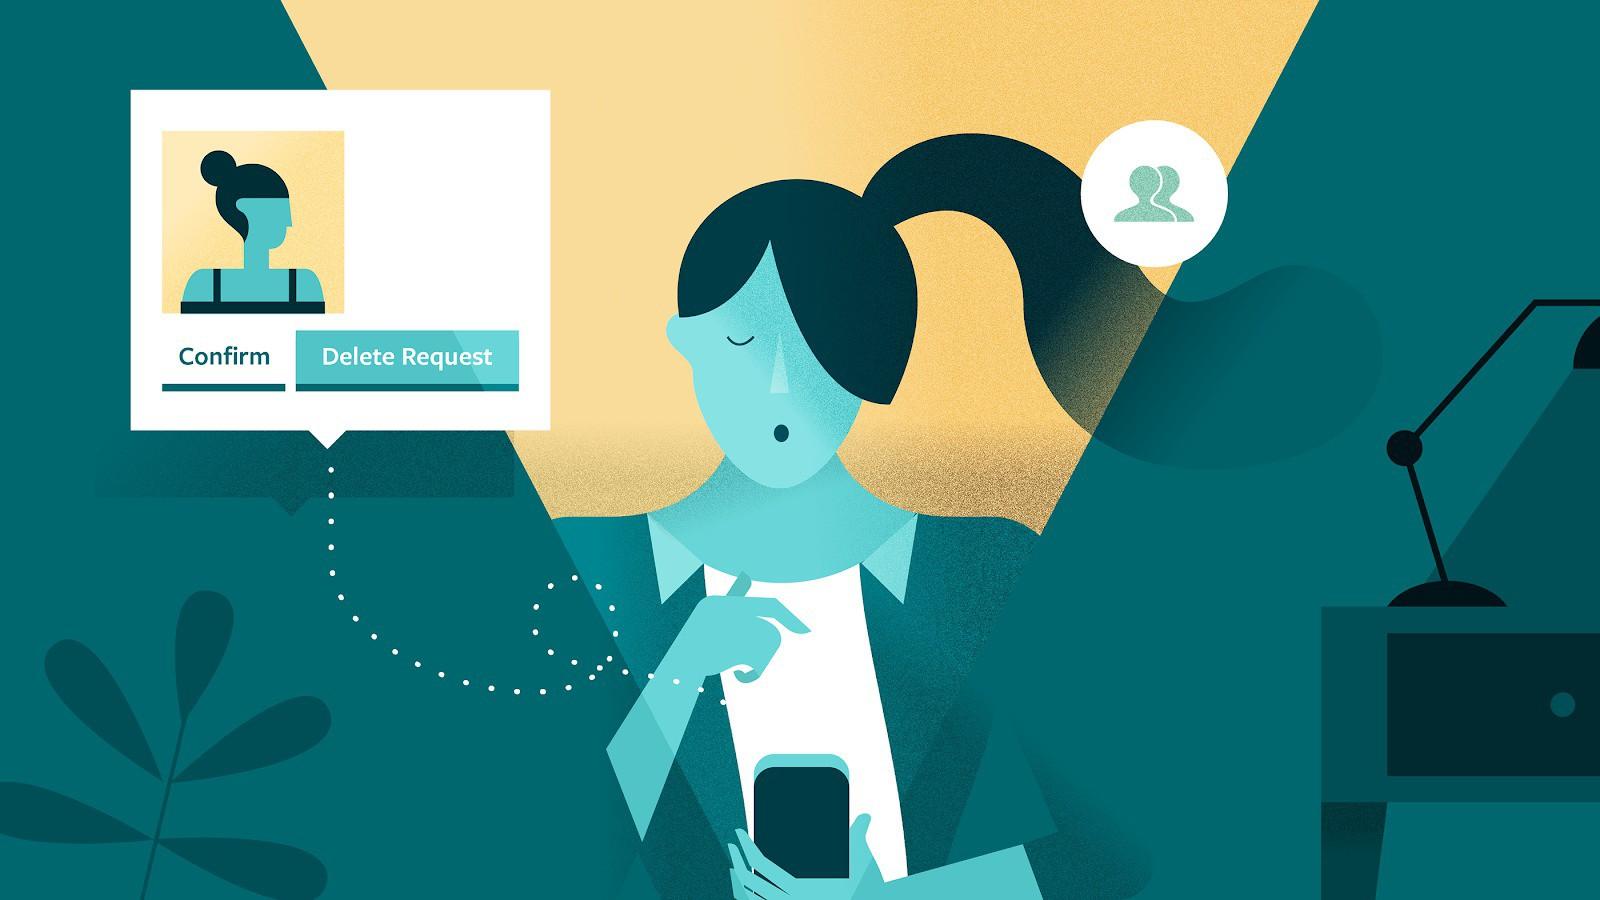 """Sếp bỗng dưng gửi lời mời kết bạn, chị em công sở nên tức tốc """"dọn sạch"""" facebook bằng các bước sau - Ảnh 1."""